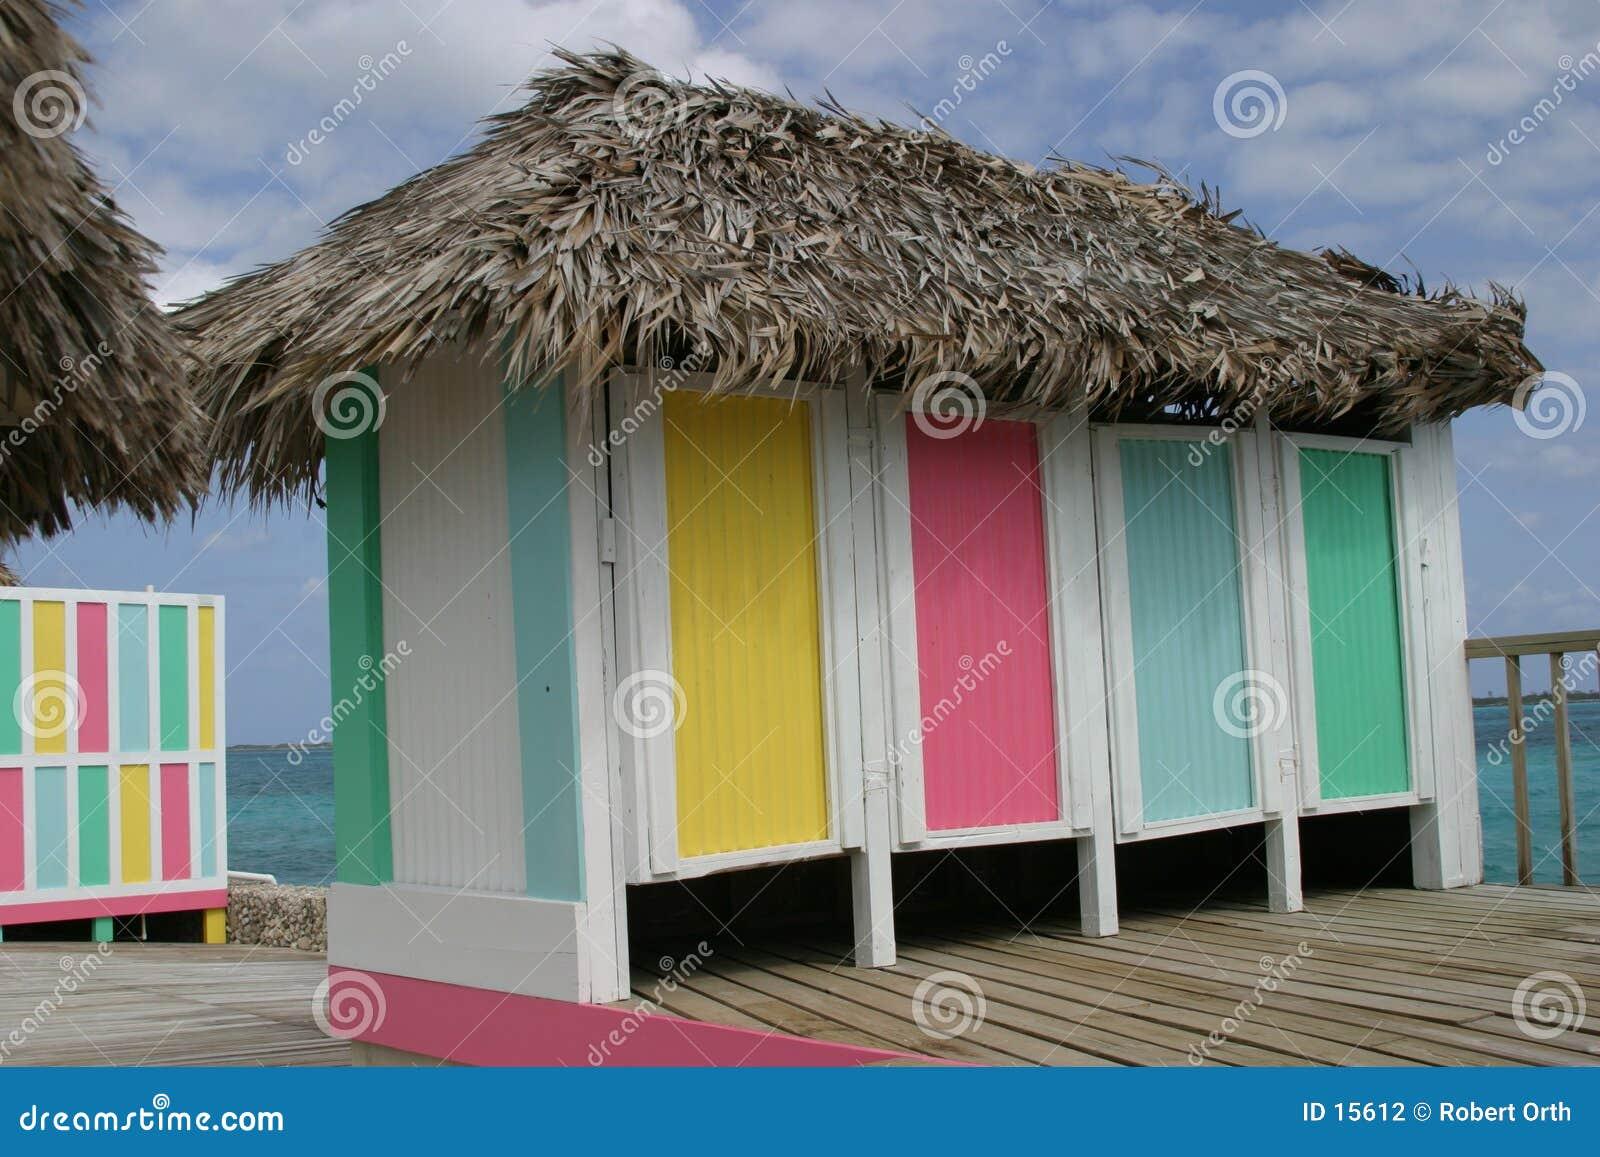 Cabanna caribbean